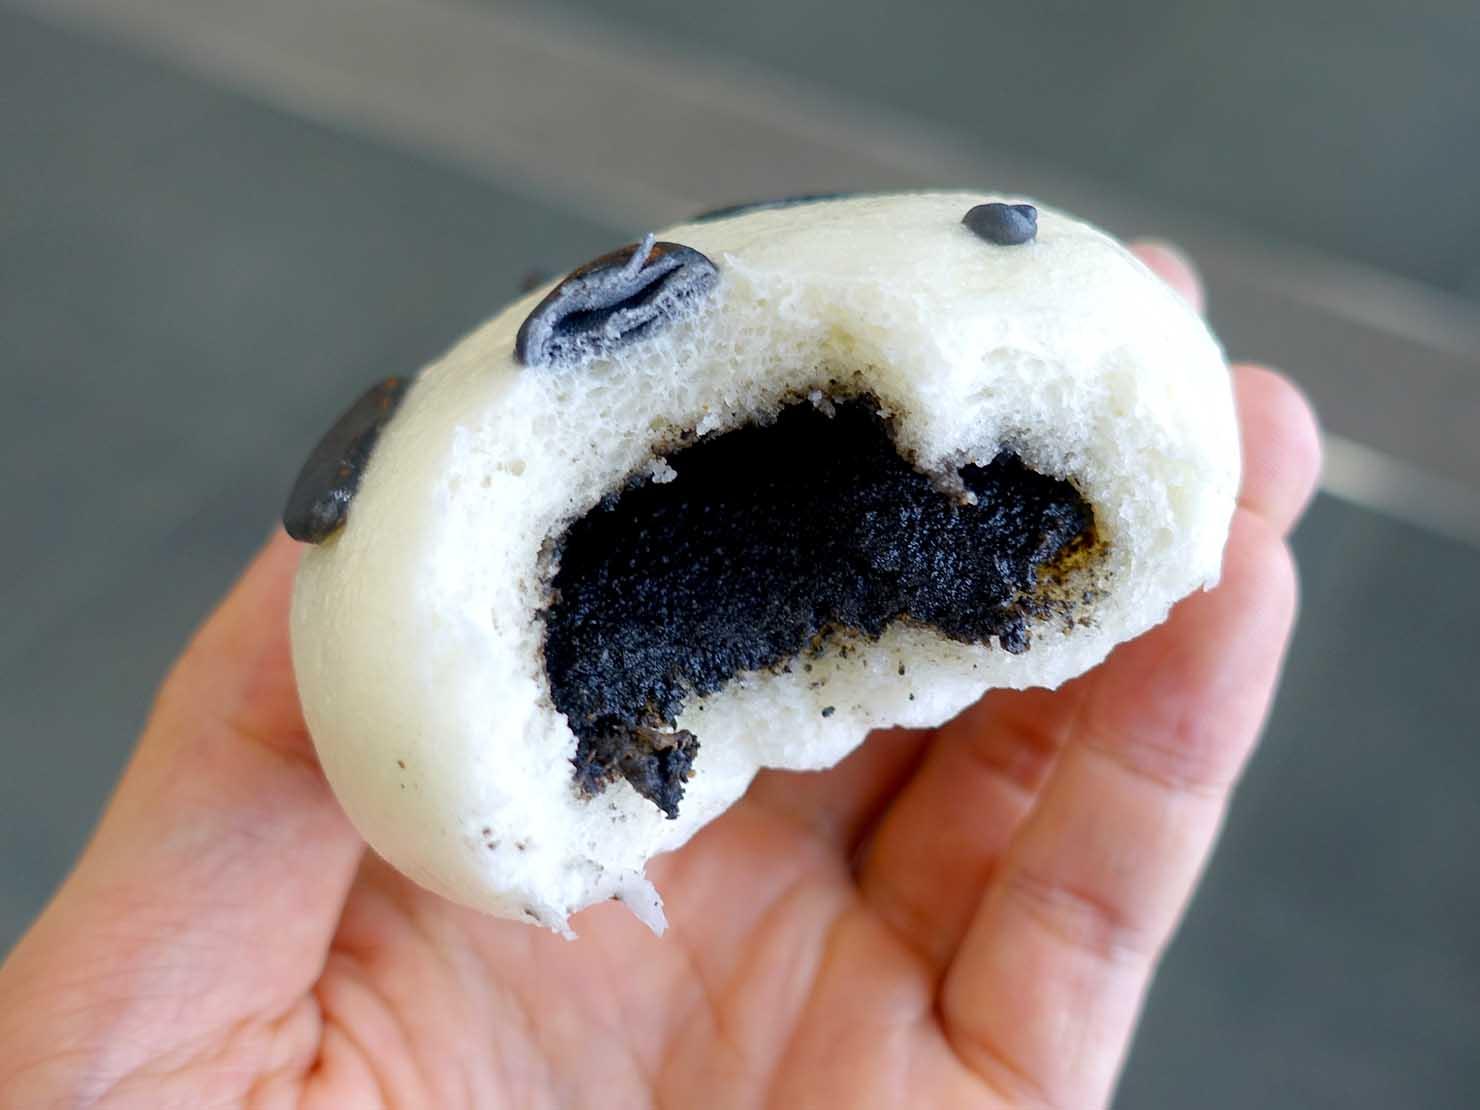 台北駅駅ナカ(車站大廳)のおすすめグルメ店「葡吉手工包子」の熊貓造型芝麻包(パンダ型ごま饅頭)